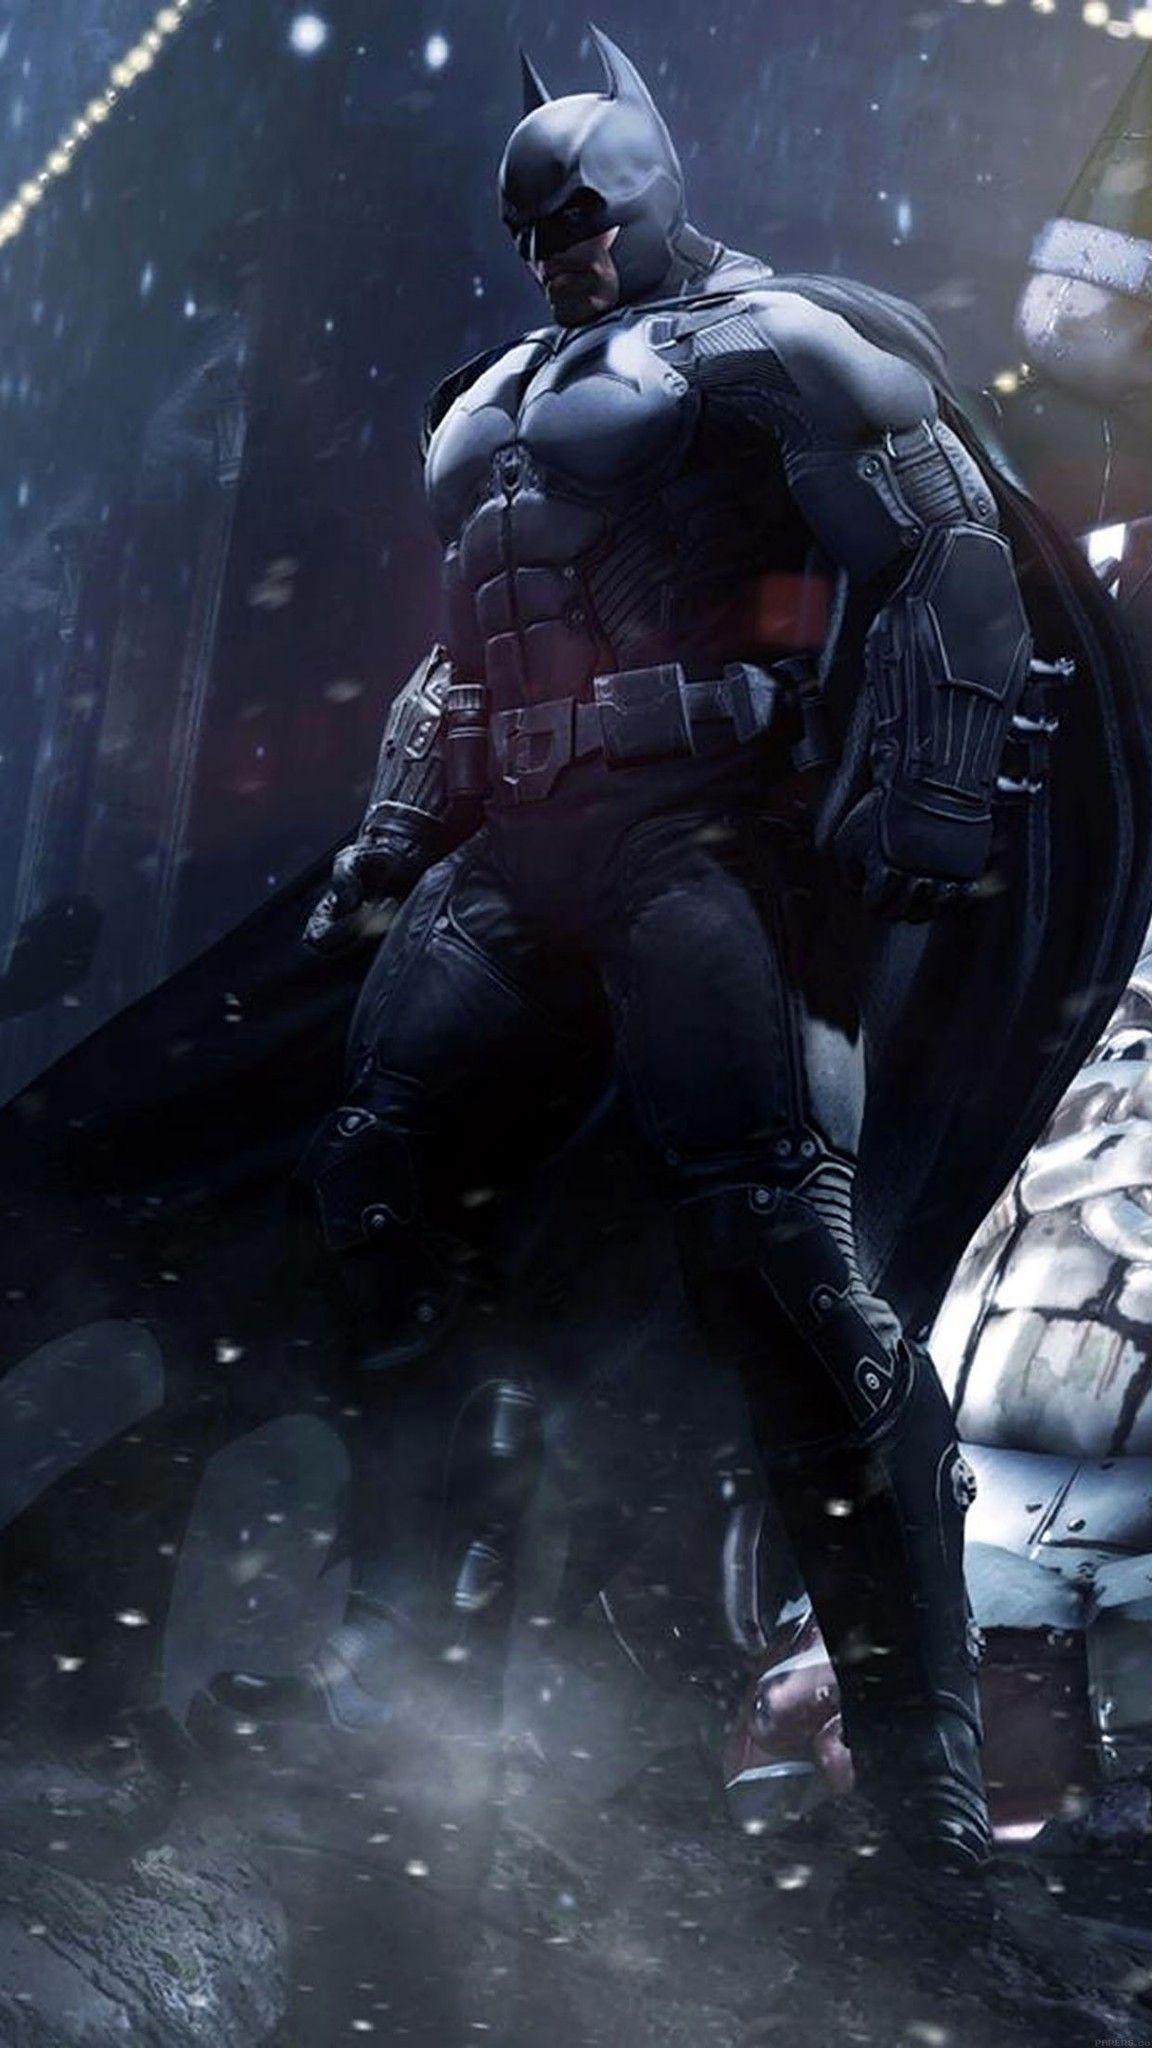 Batman Arkham Origins Wallpaper • Deviantart Batman